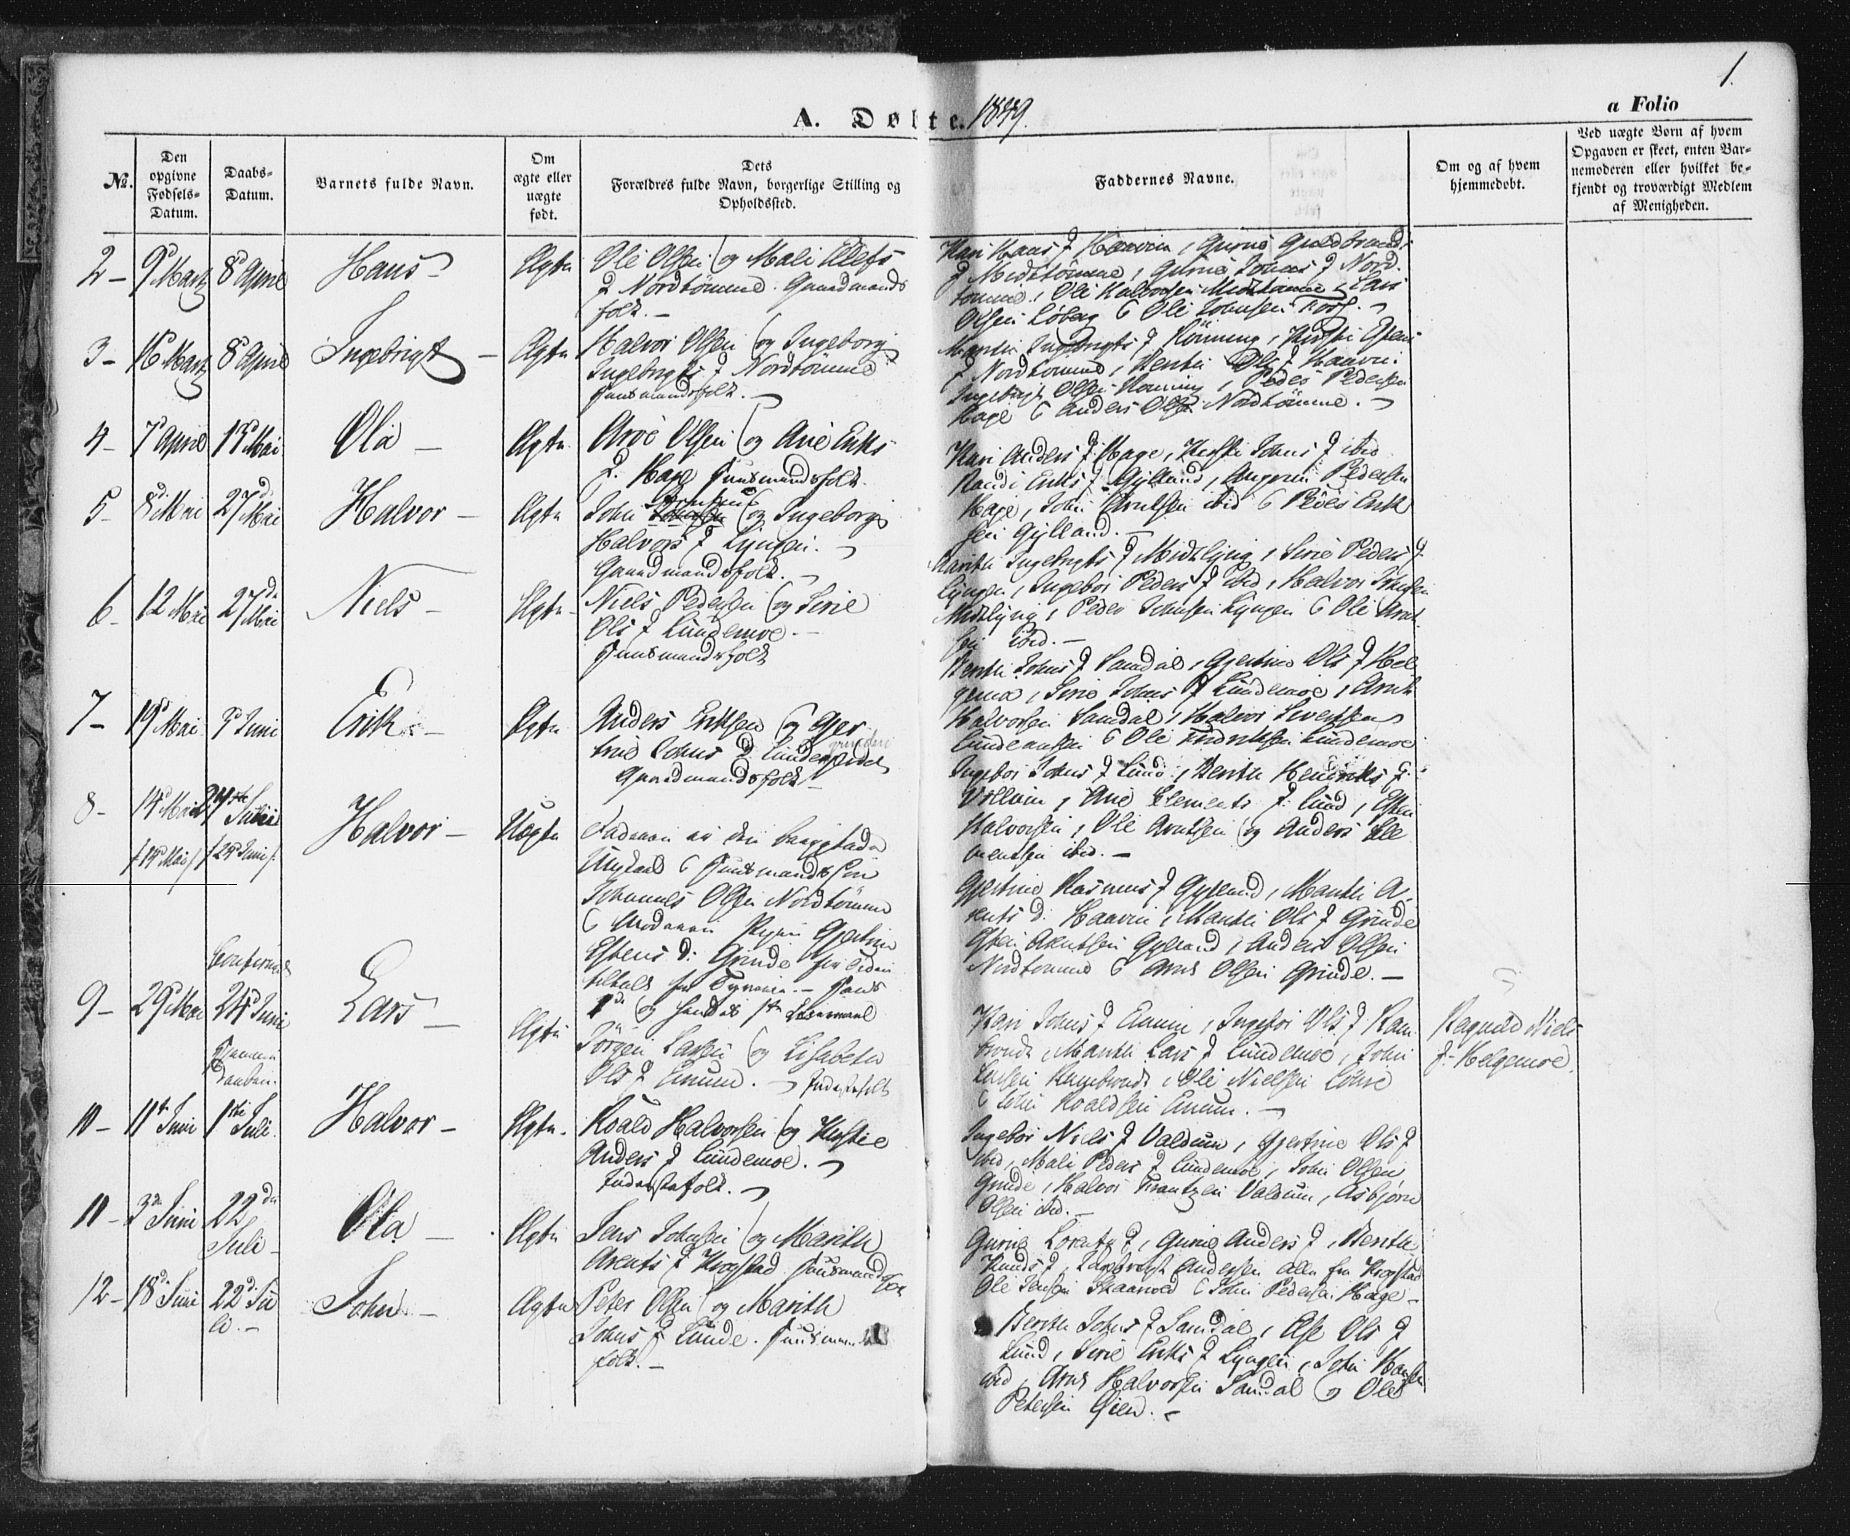 SAT, Ministerialprotokoller, klokkerbøker og fødselsregistre - Sør-Trøndelag, 692/L1103: Ministerialbok nr. 692A03, 1849-1870, s. 1